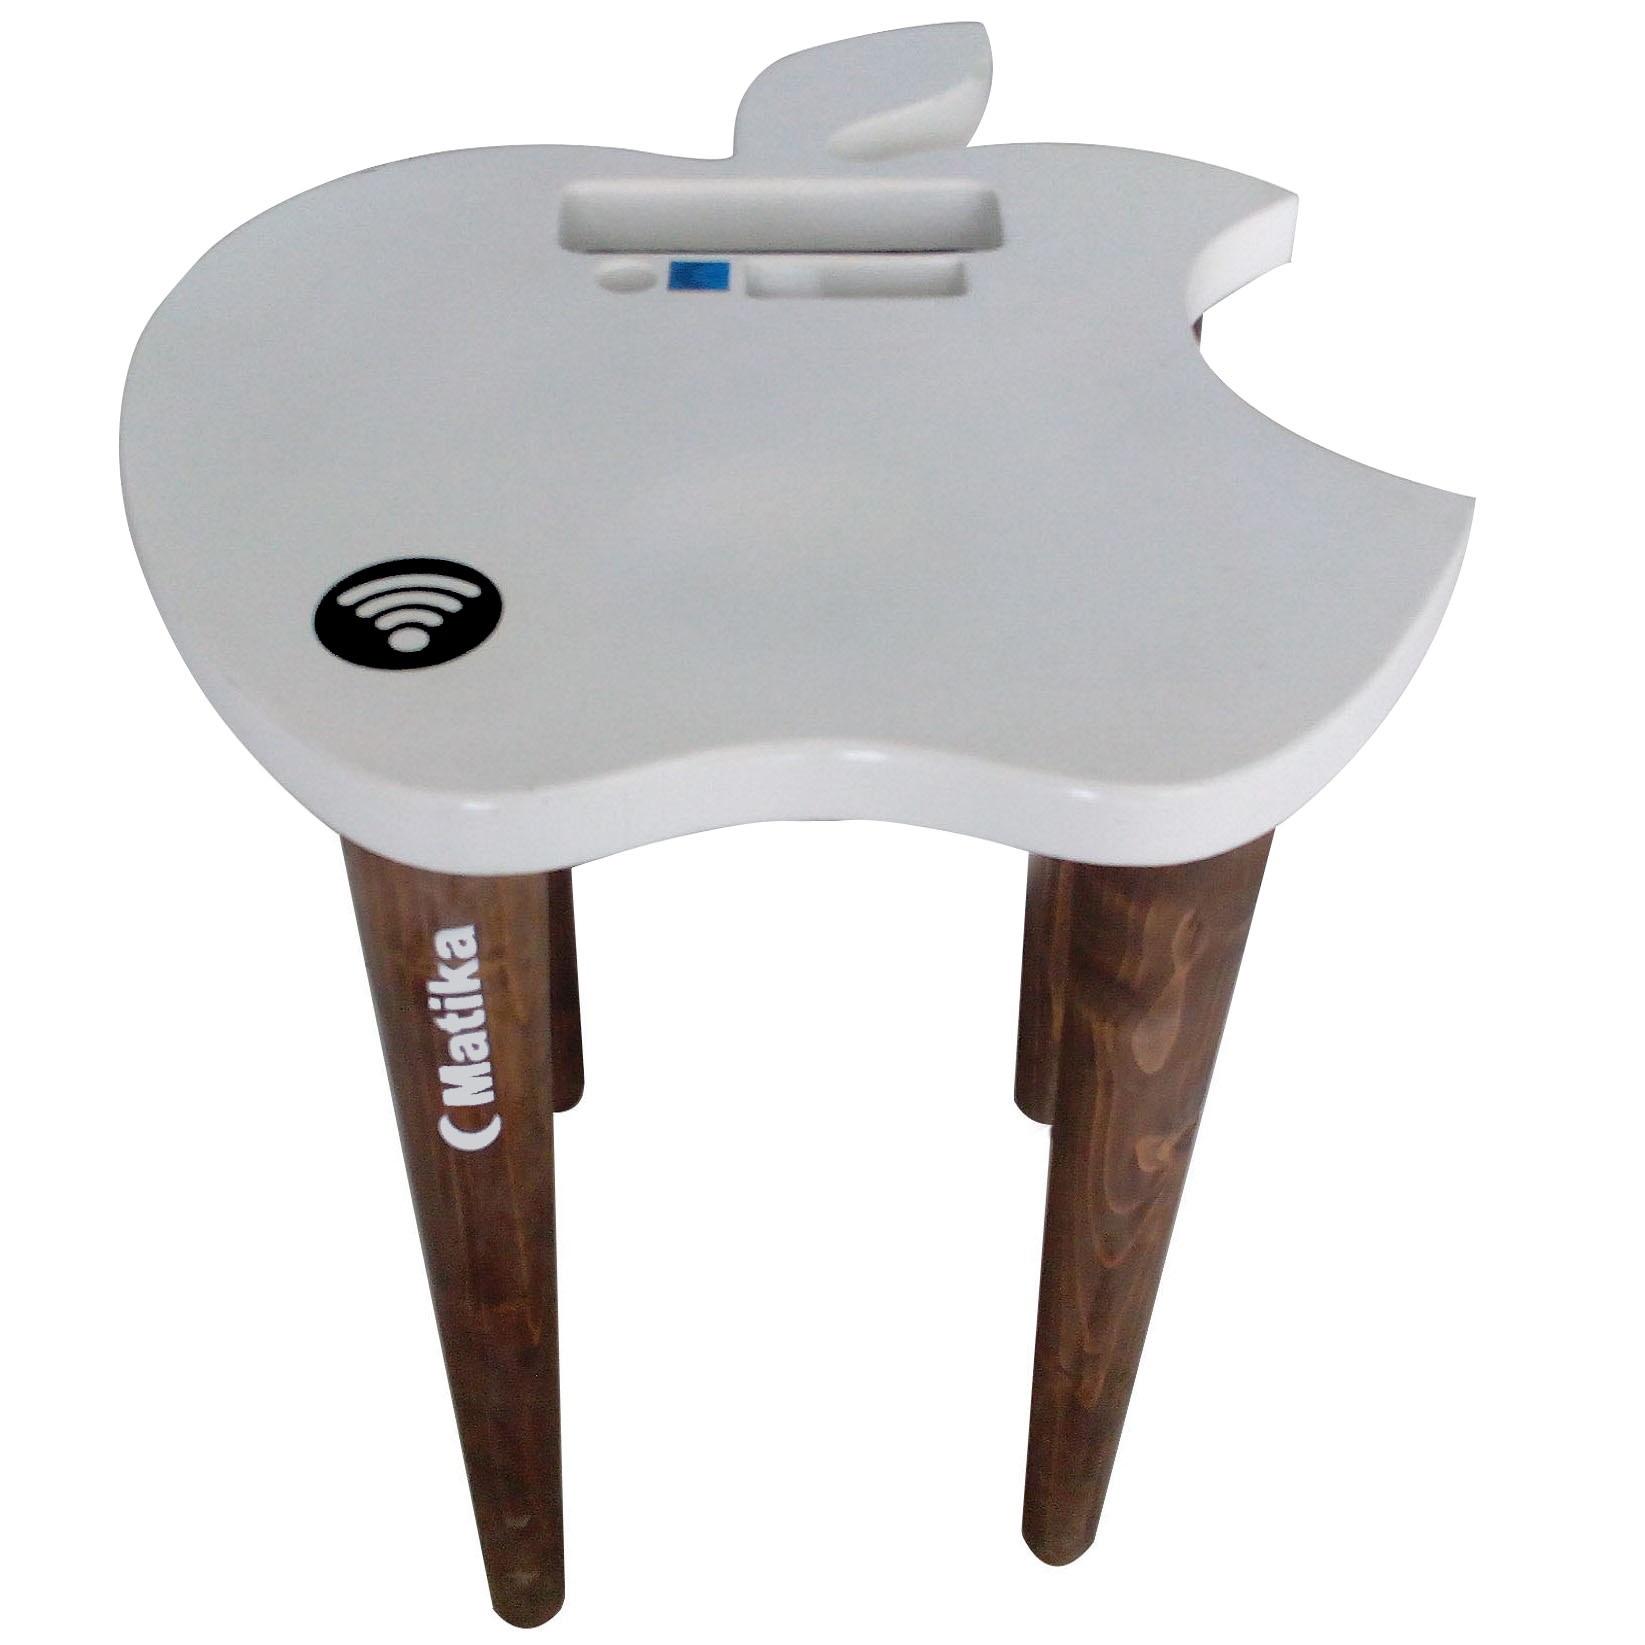 ایستگاه شارژر خانگی، میز عسلی ویژه شارژ موبایل و تبلت مدل Siyb دستگاه شارژ خانوادگی است که دارای فست شارژر، سه راه برق و شارژر وایرلس می باشد این دستگاه بسیار کاربردی بوده و برای فضای خانه و اتاق خواب بسیار مناسب است. به همراه دستگاه چندین عدد سیم کابل تبدیل USB-C به لایتنینگ و microUSB نیز ارسال می گردد.